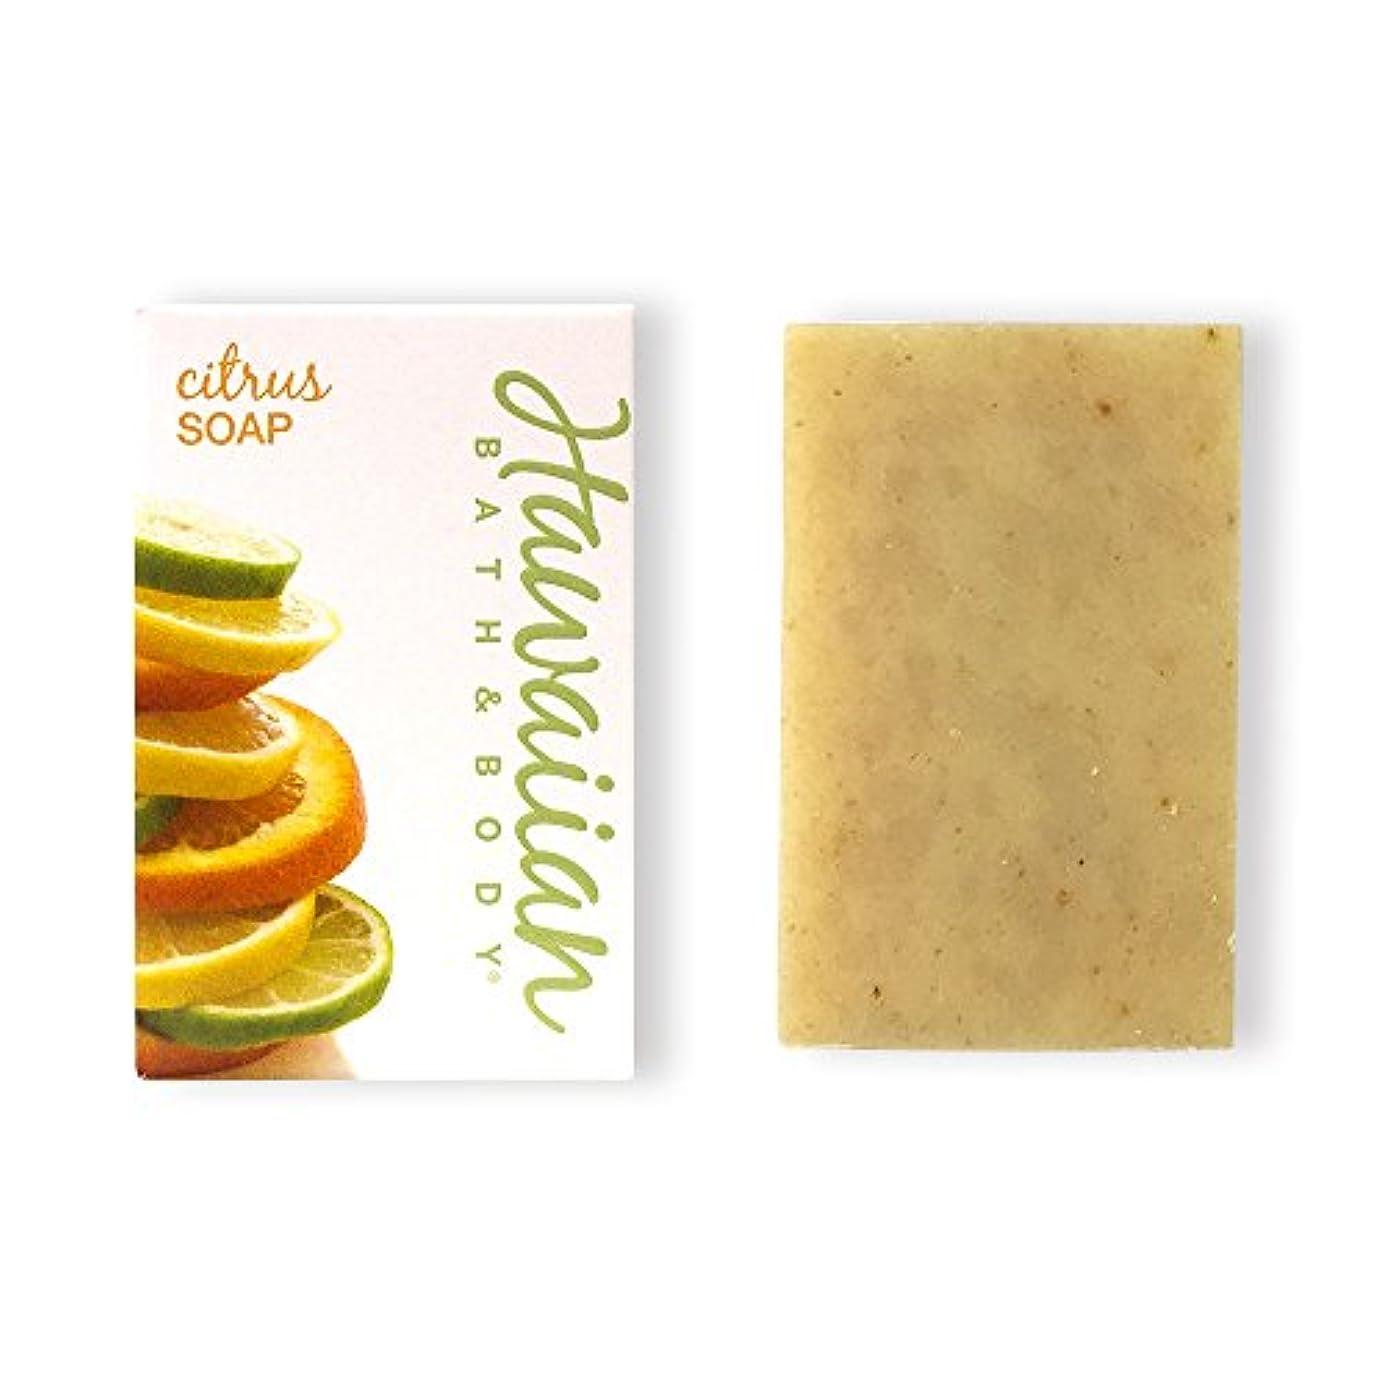 概要ゴム梨ハワイアンバス&ボディ ハワイアン?シトラスソープ( Citrus Soap )